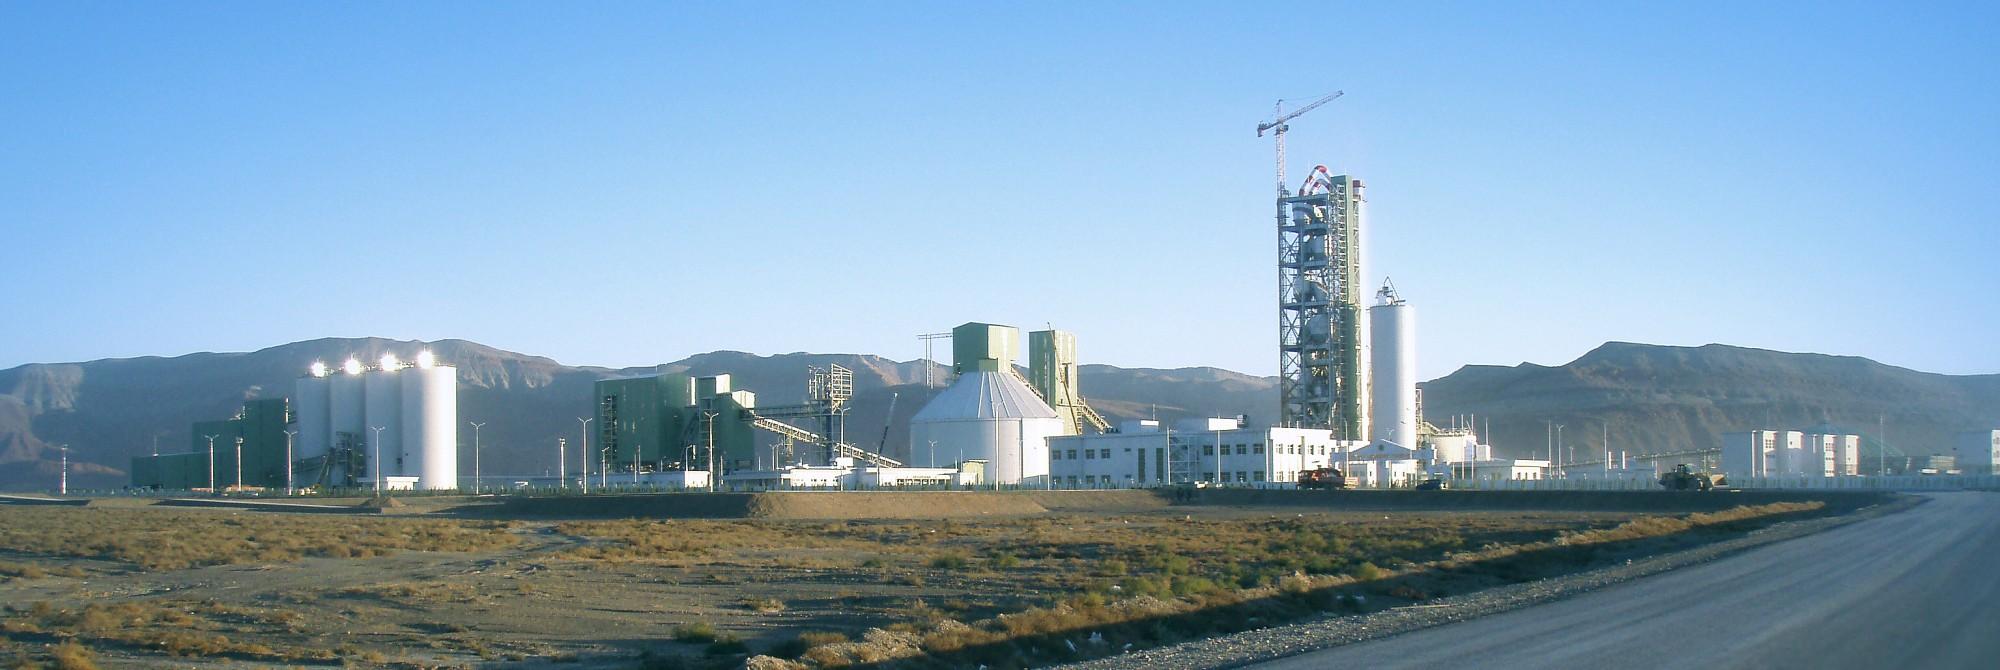 Cement dispatch